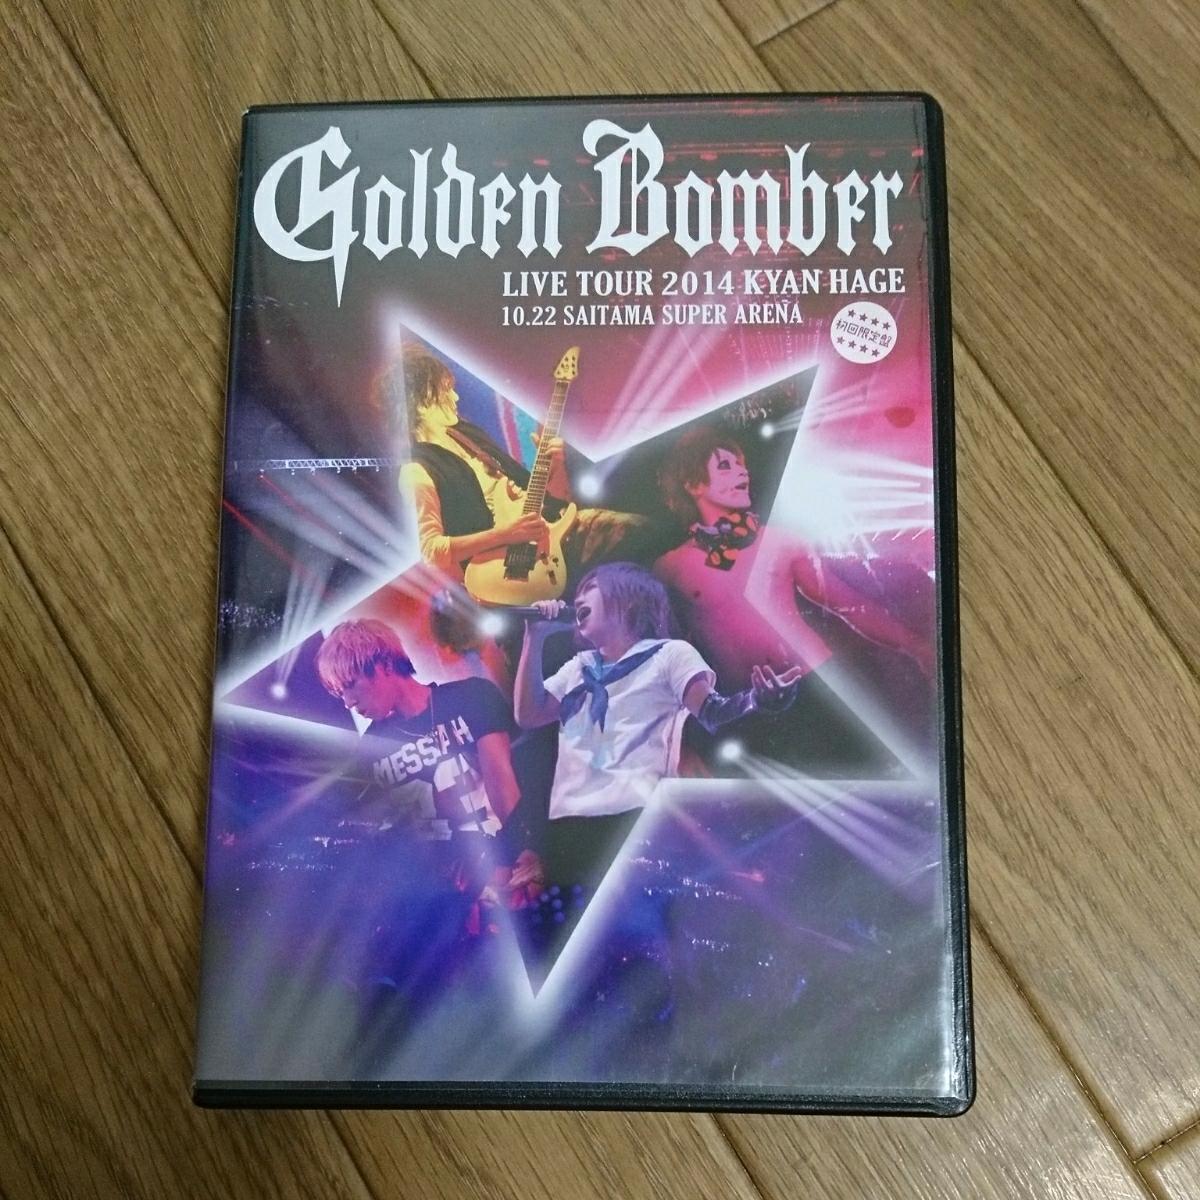 ゴールデンボンバー DVD キャンハゲ 初回限定盤 さいたまスーパーアリーナ 送料164円~ ライブグッズの画像